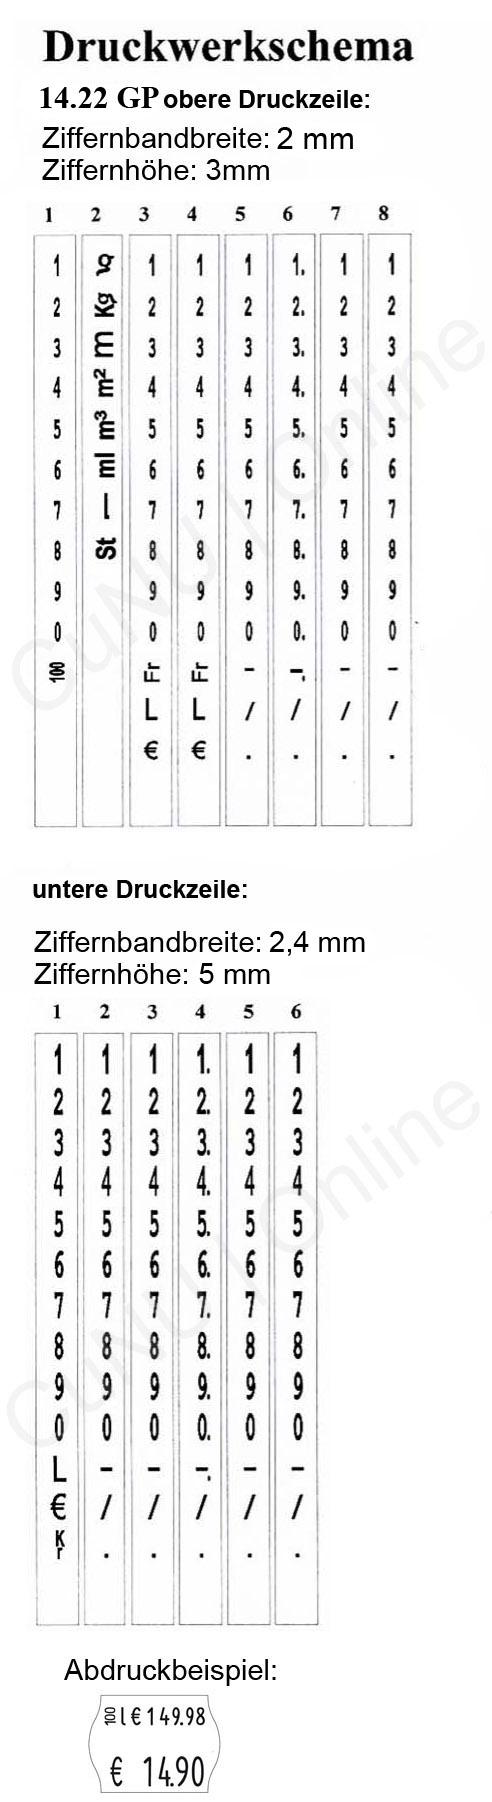 Grundpreisauszeichner contact 14.22 GP